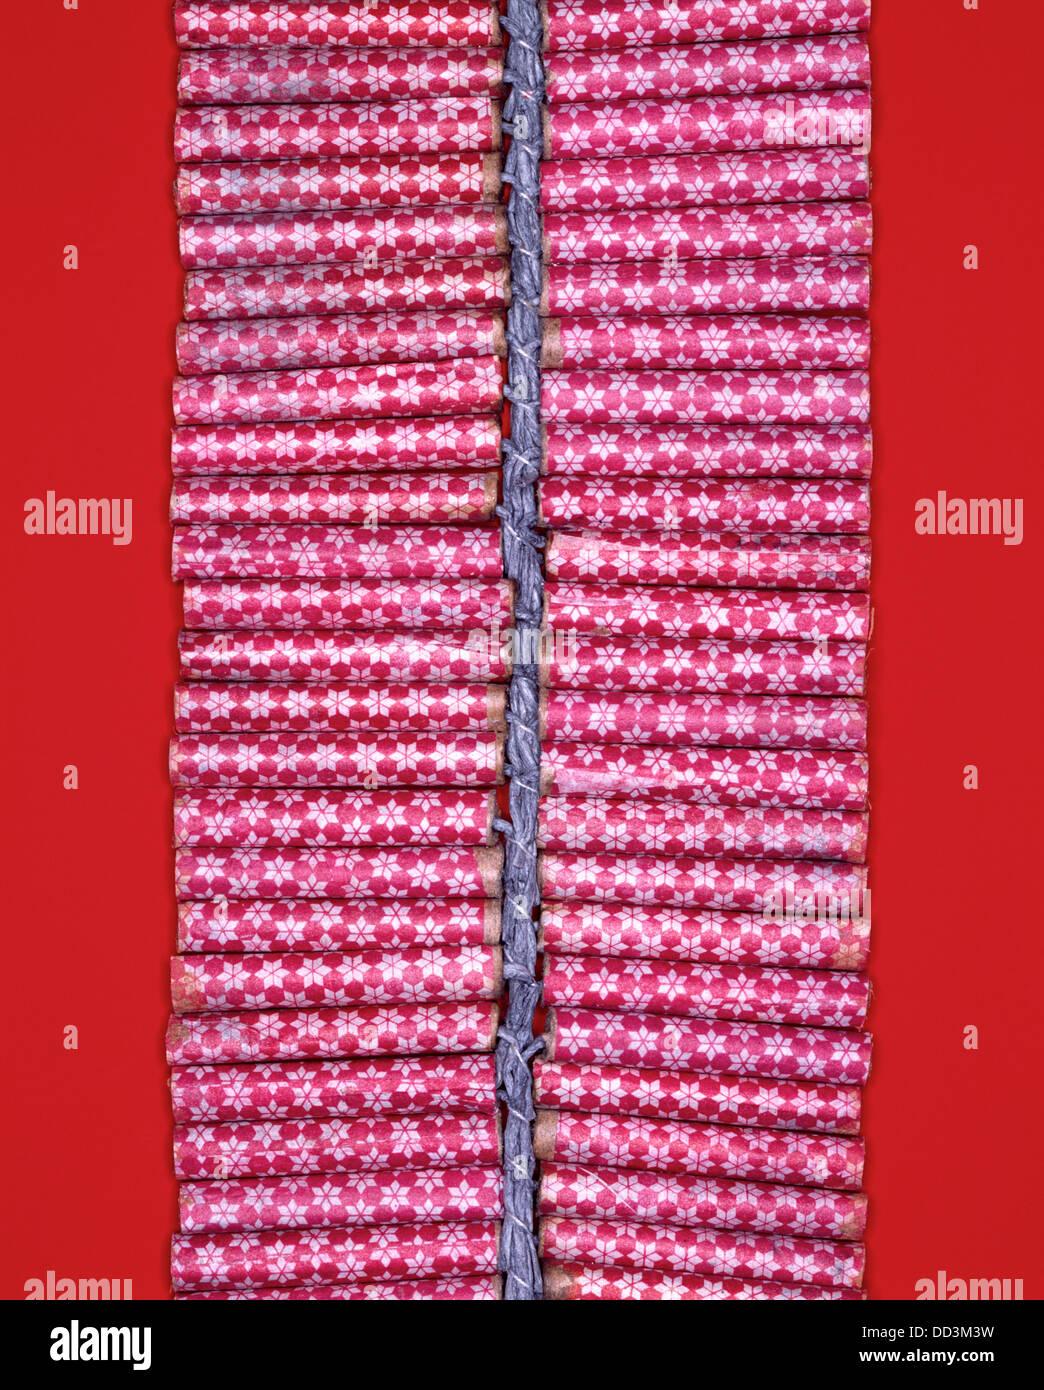 Una stringa di rosso petardi detenute da un fusibile. Luminose sfondo rosso Immagini Stock